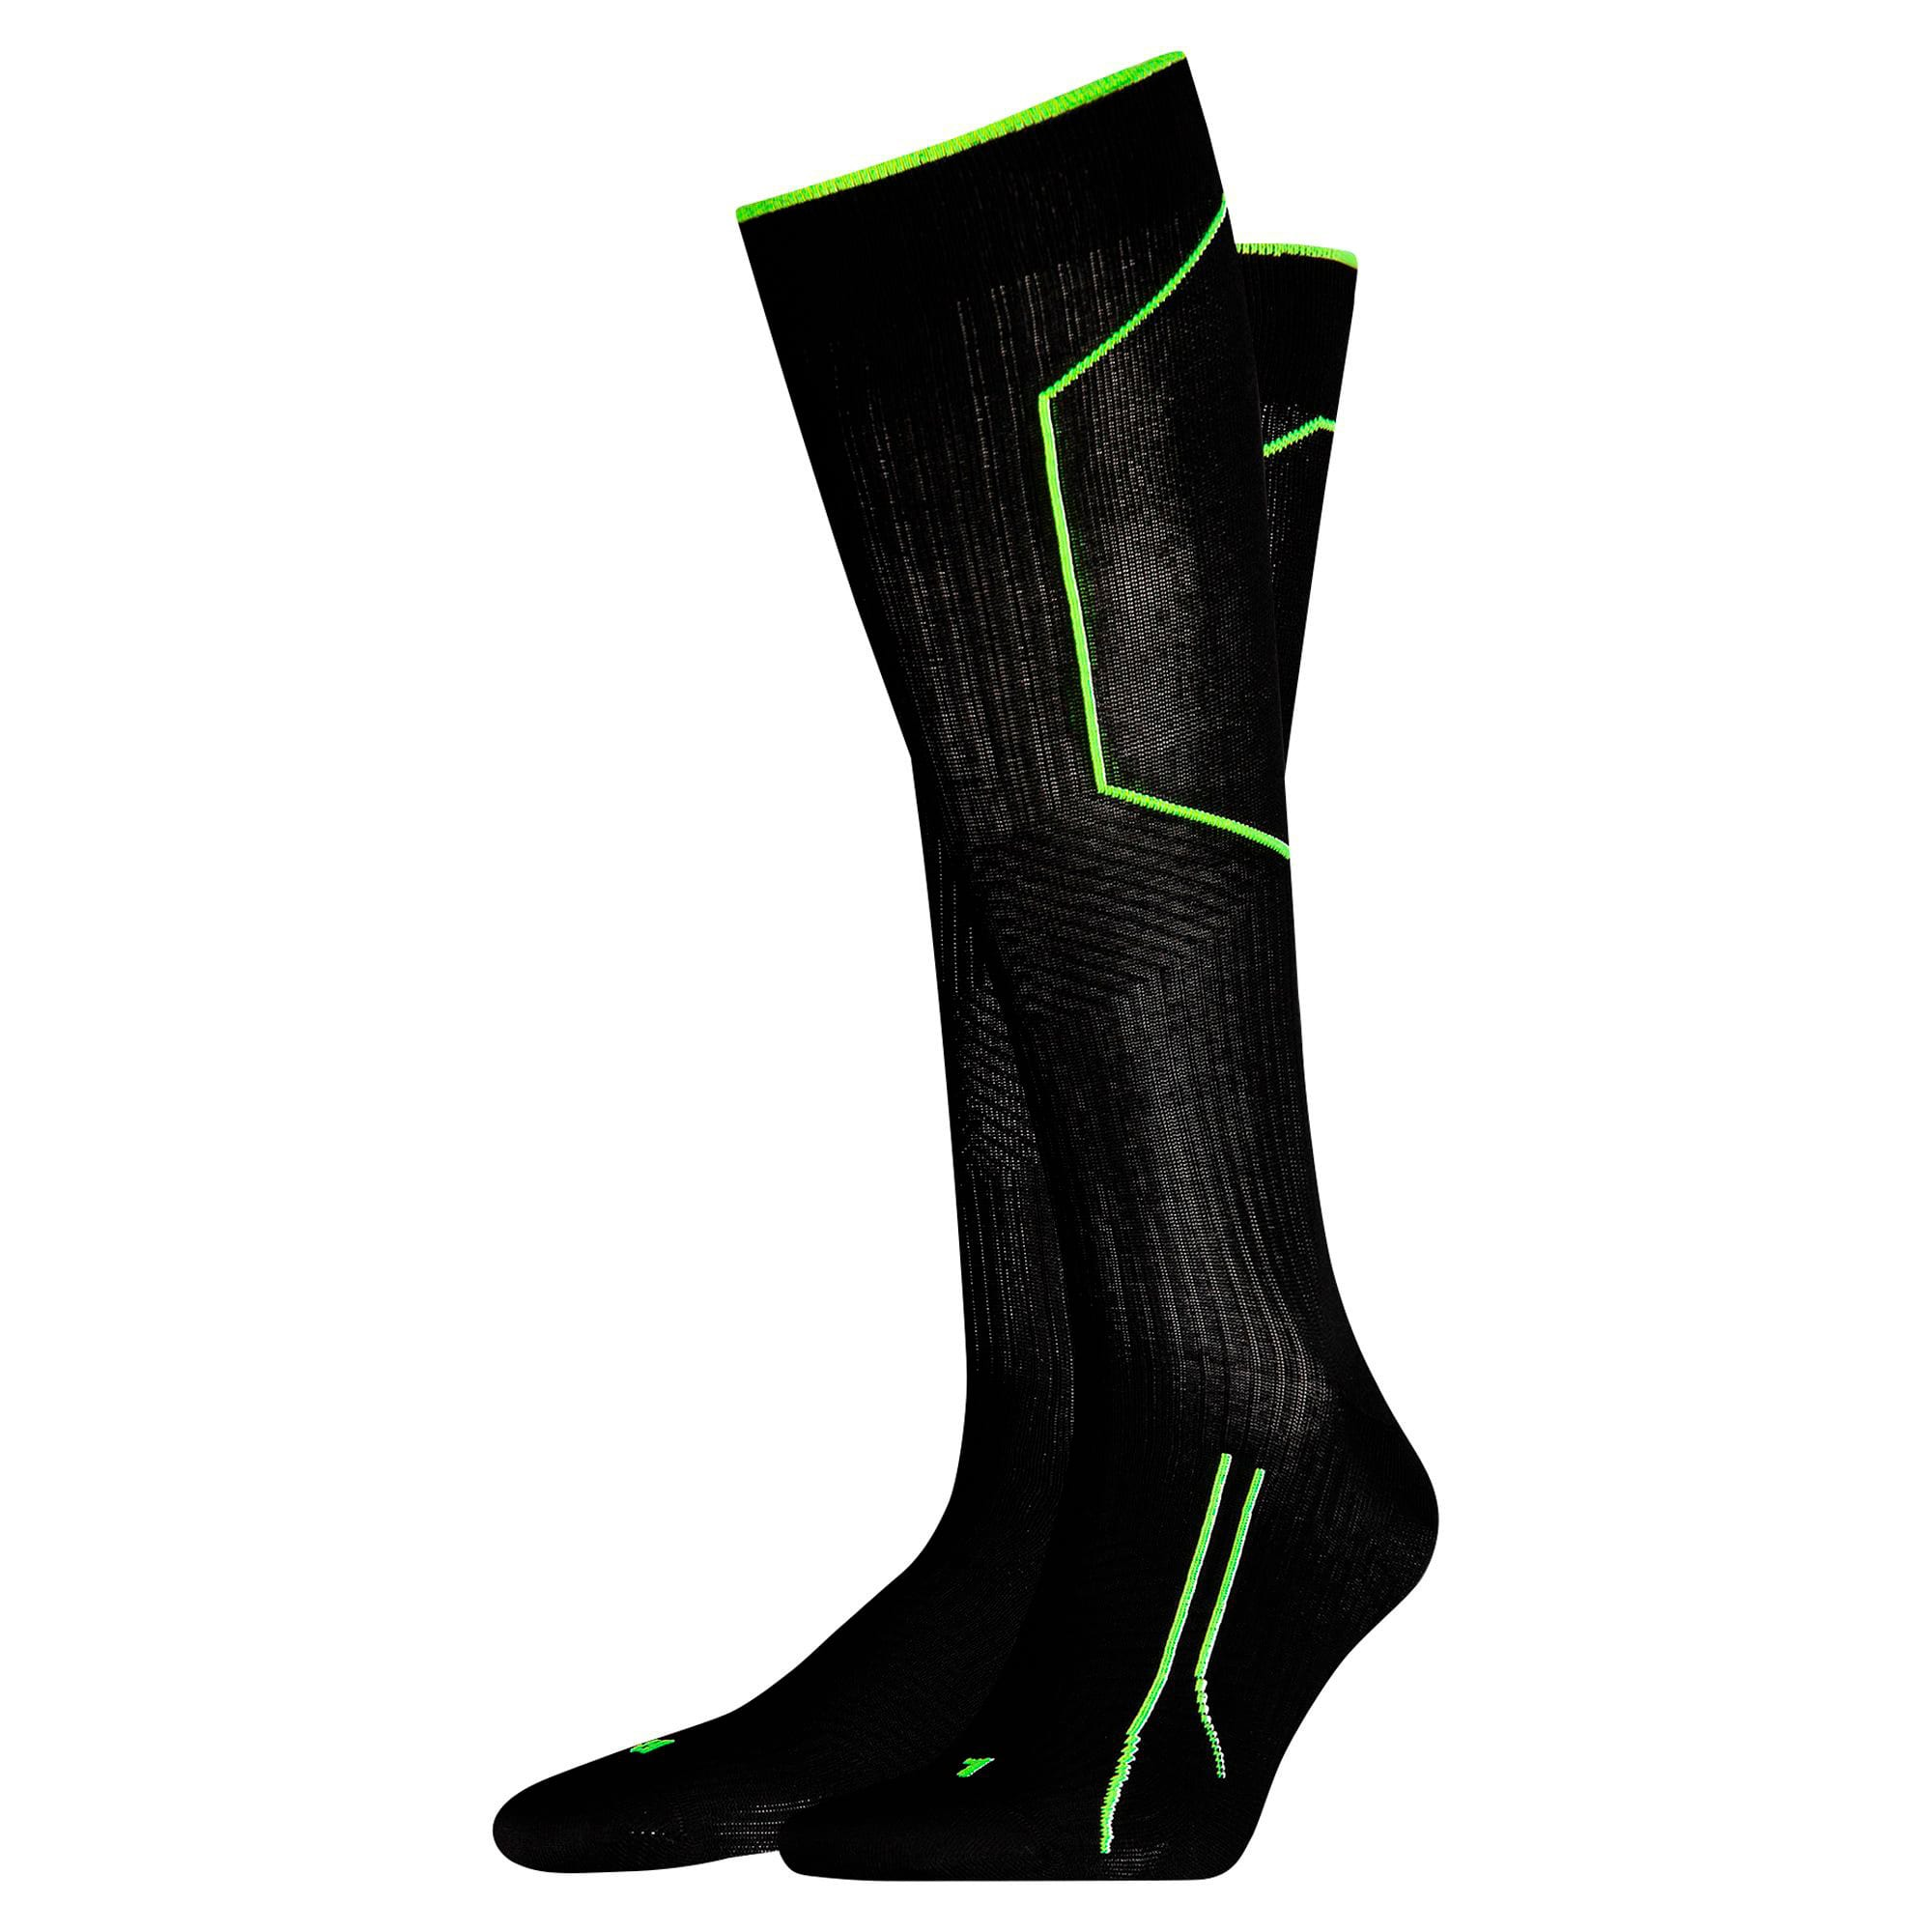 Thumbnail 1 of Running  Cell Knee High Socks, black, medium